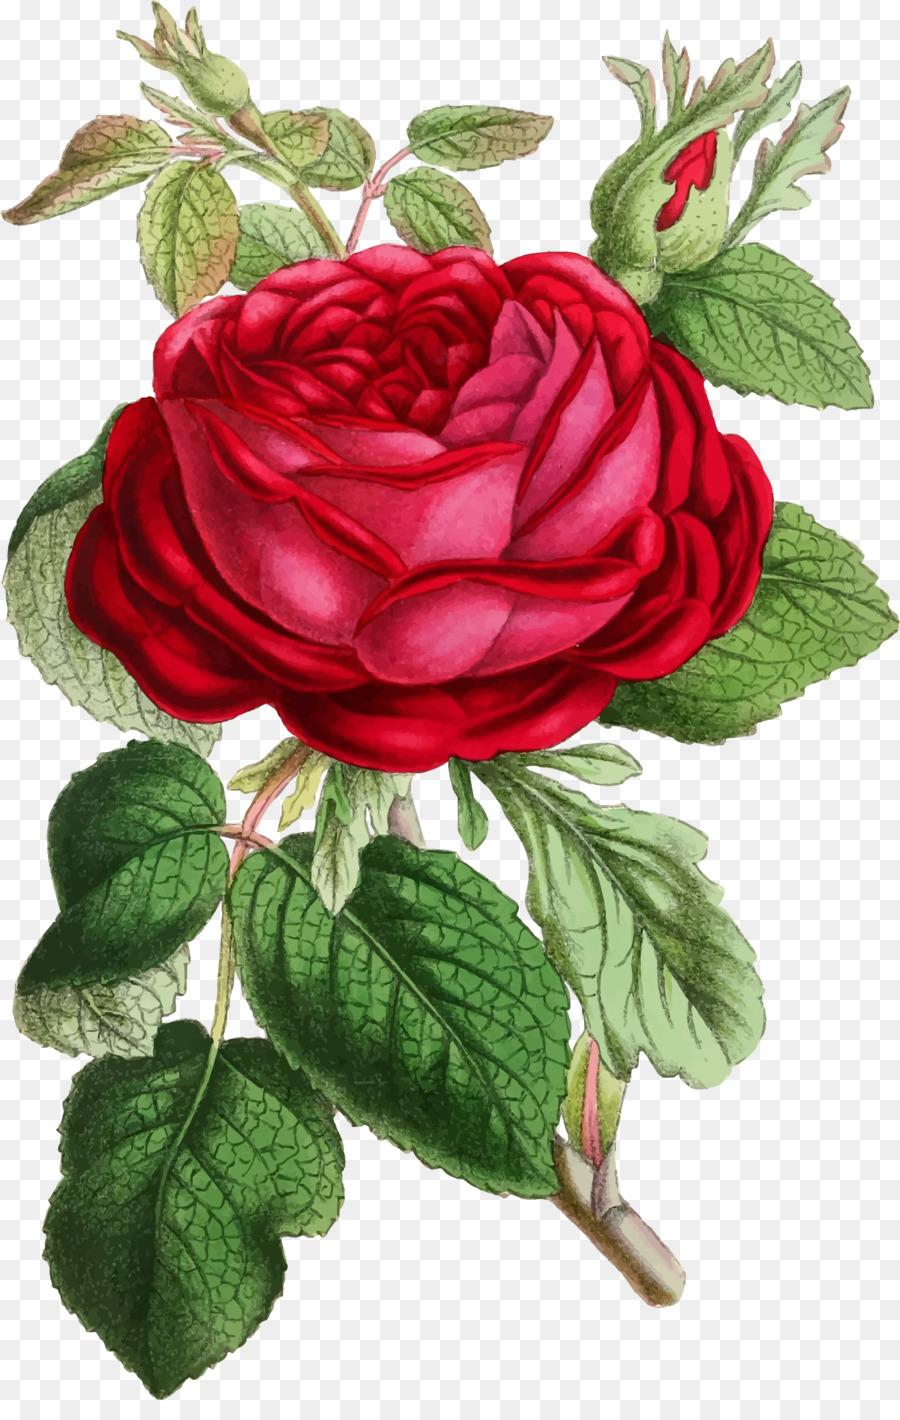 Flowers background rose flower. Clipart roses illustration